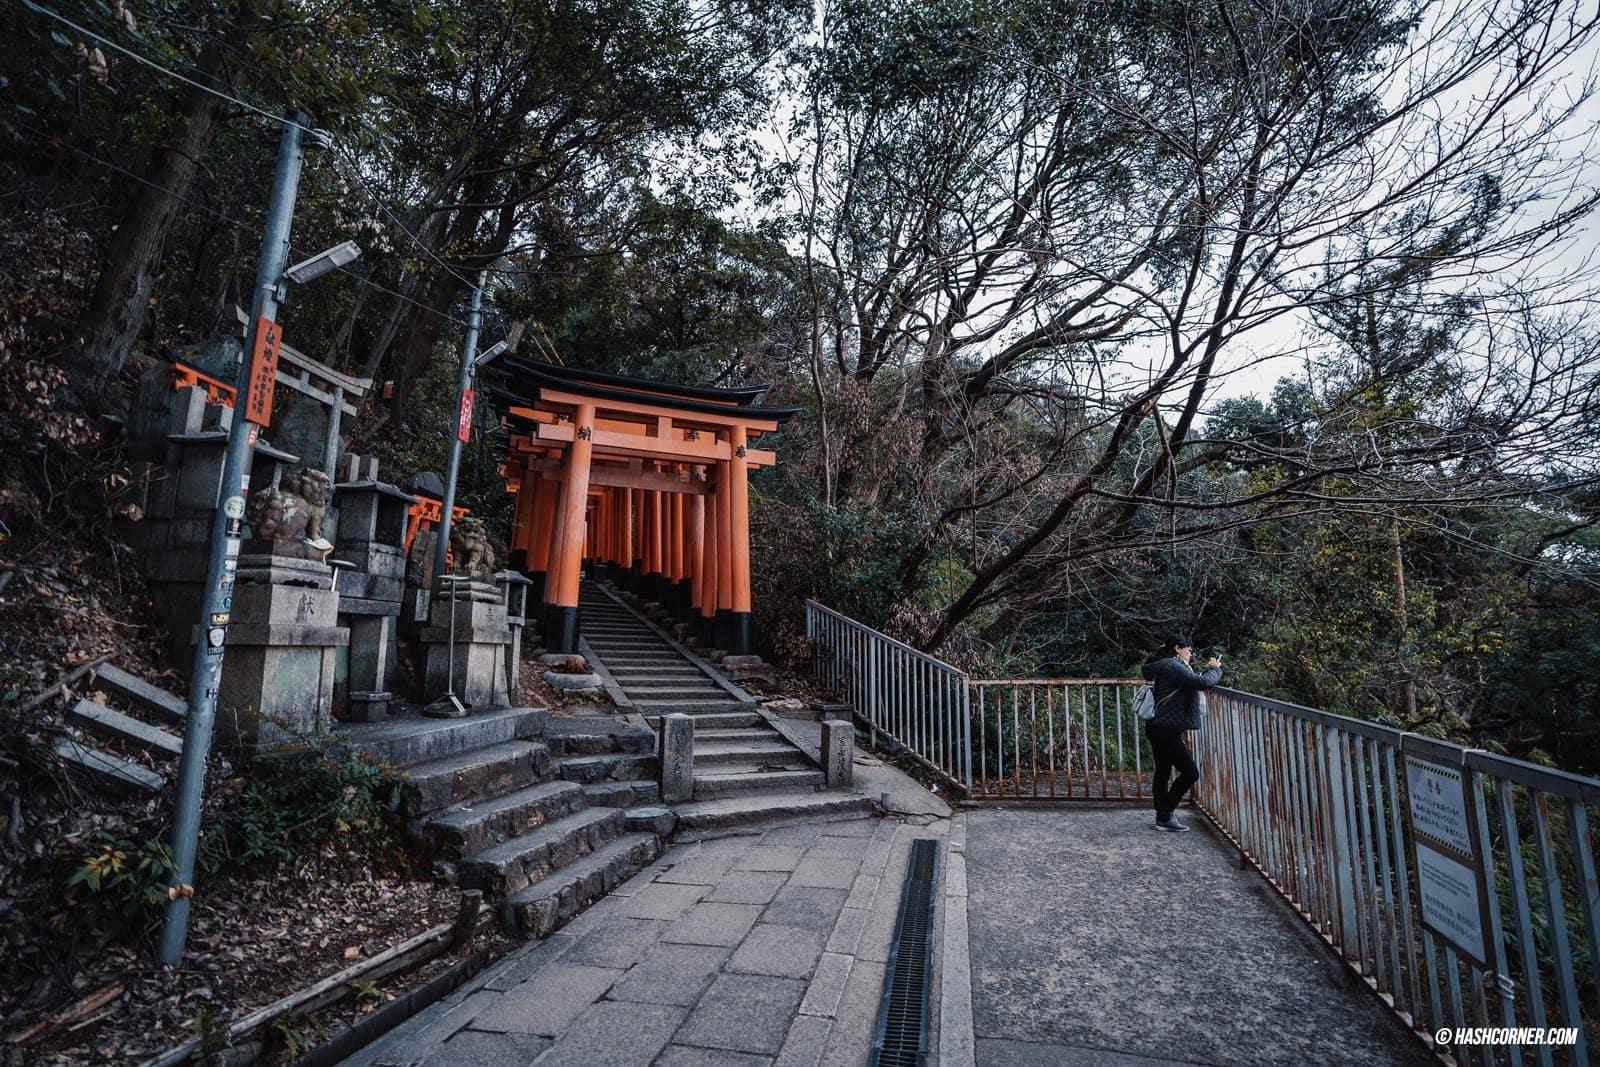 รีวิว เกียวโต (Kyoto) x คันไซ เที่ยวญี่ปุ่นไม่เคยเบื่อ